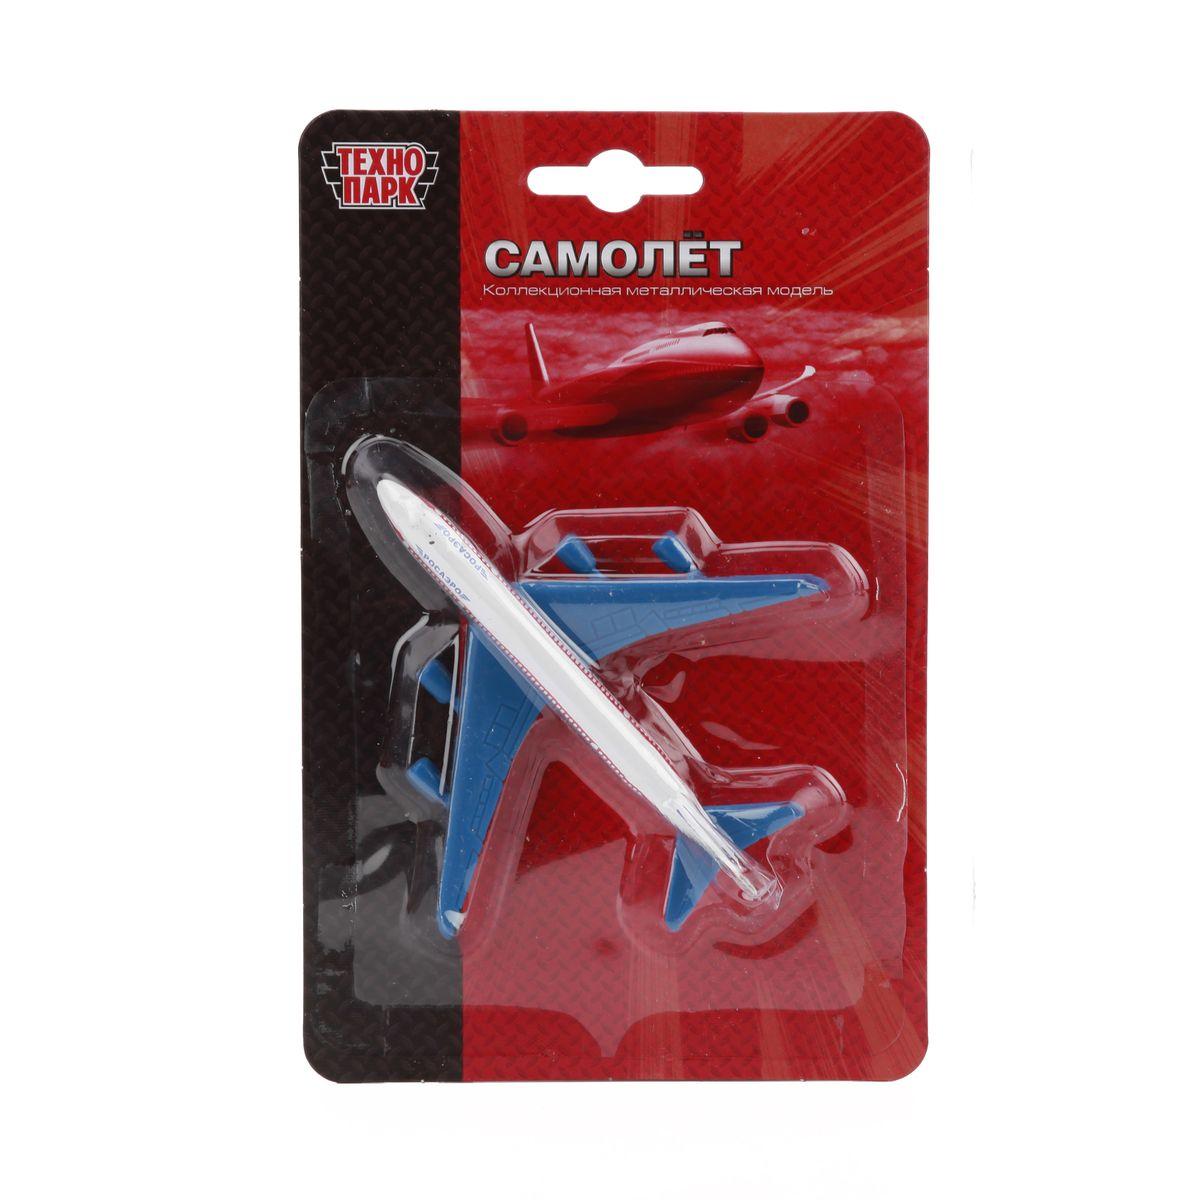 ТехноПарк Самолет10114-RИнтересная модель самолета, позволит почувствовать Вашему малышу настоящим летчиком. Самолет металлический.